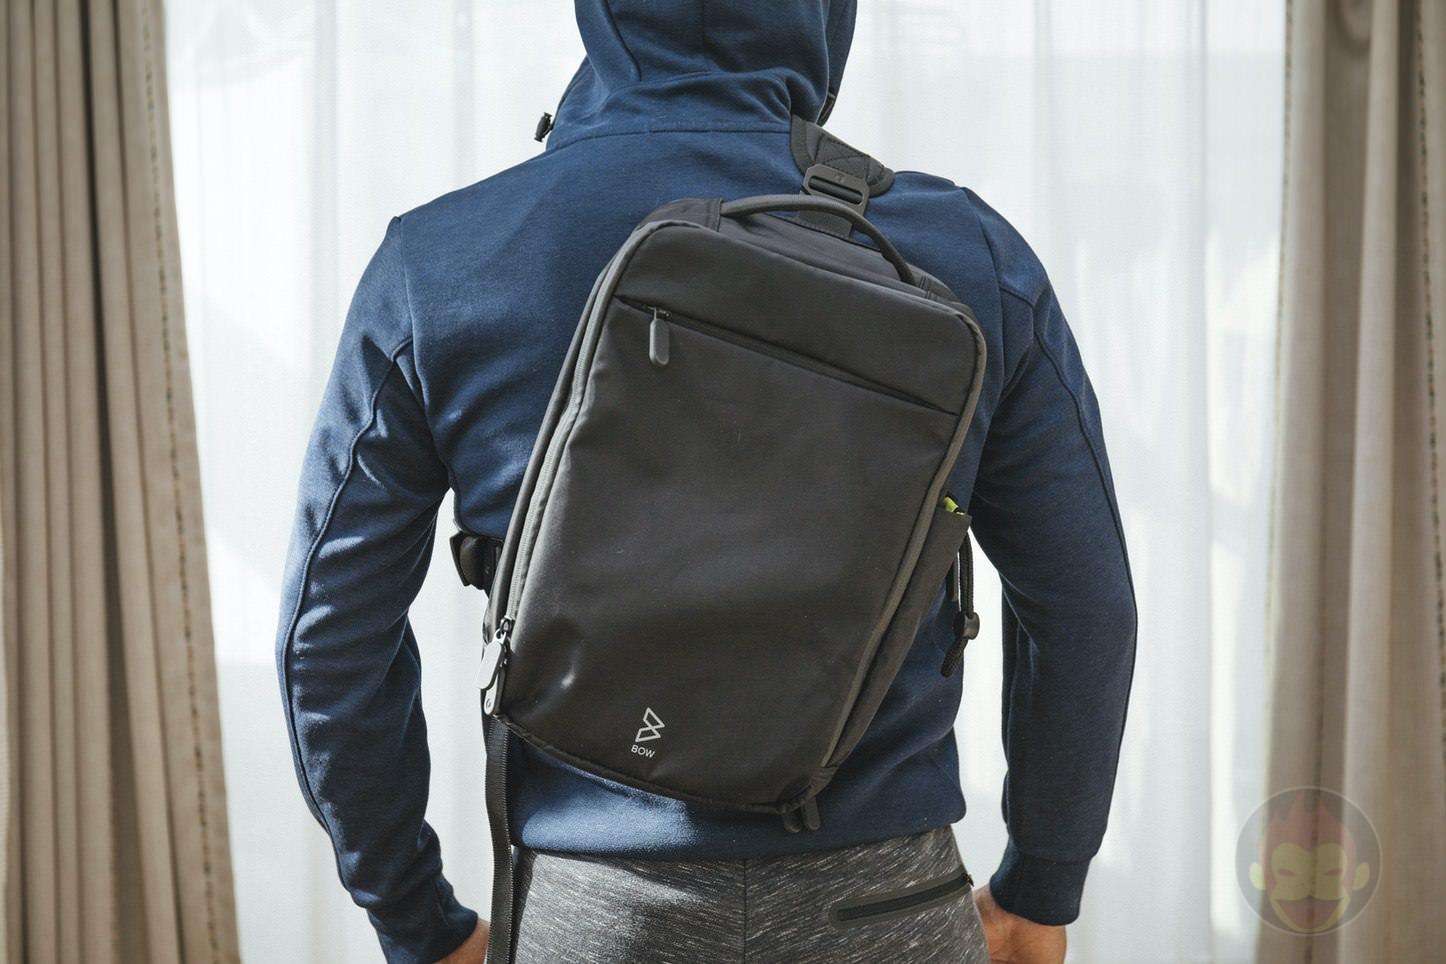 Quiver Gym Splashproof Shoulder Bag 30